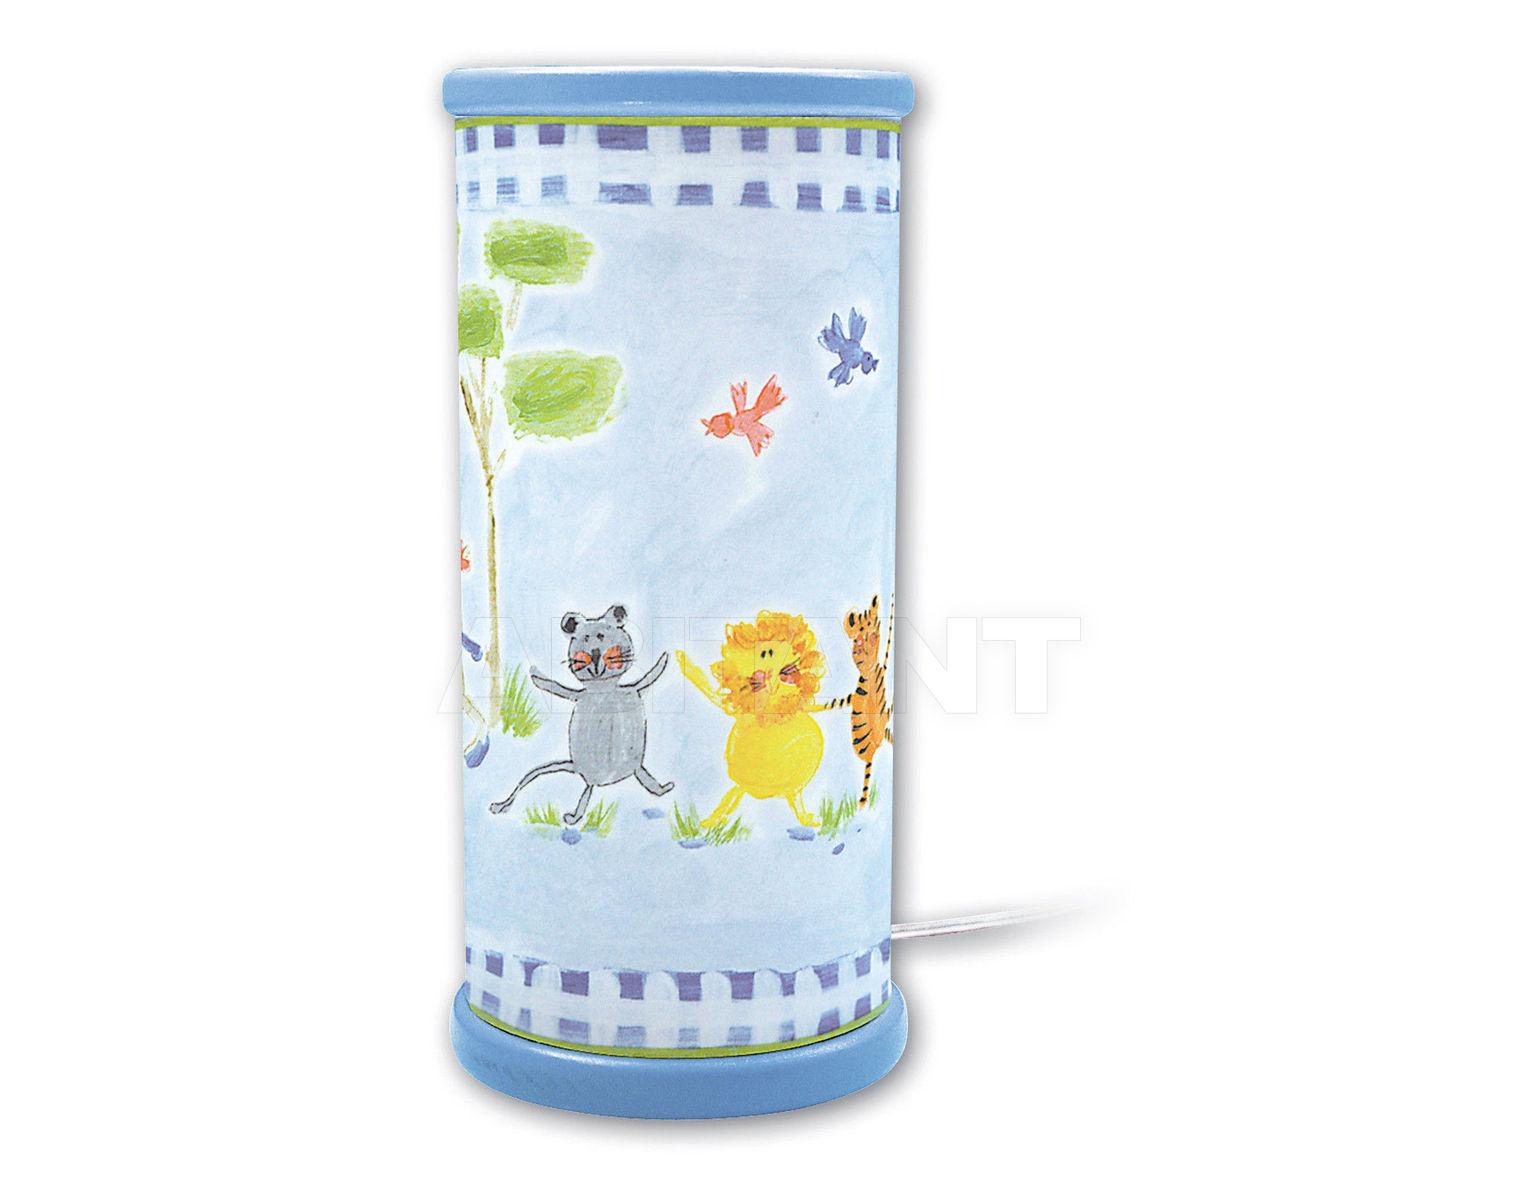 Купить Светильник для детской Jungle Waldi Leuchten Lampen Fur Kinder 2012 81236.1